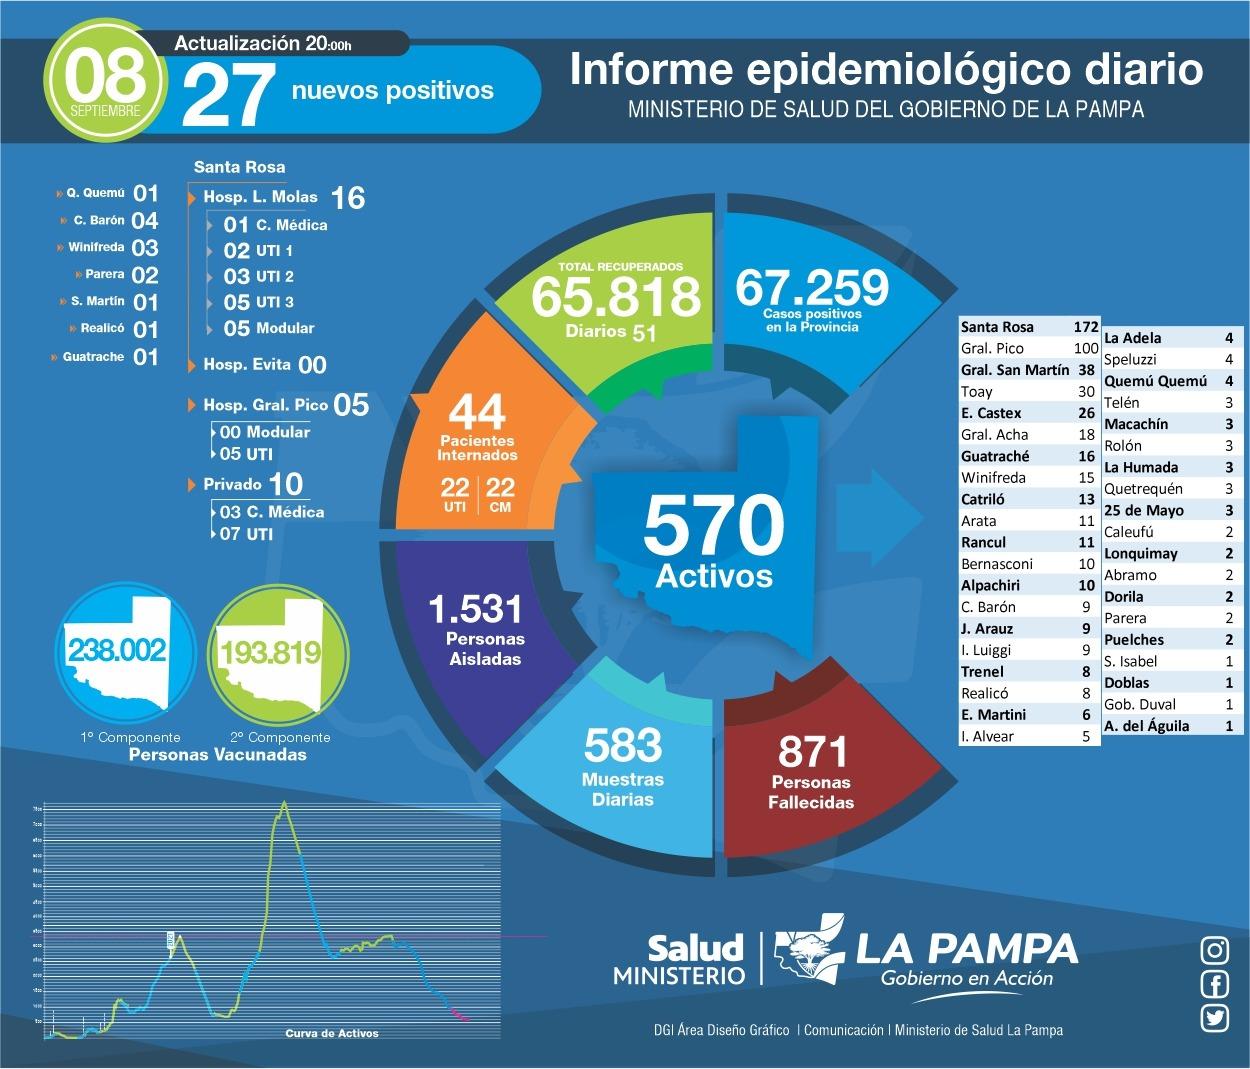 COVID-19: de 583 muestras analizadas, 27 nuevos diagnósticos positivos, se reportaron 2 fallecimientos, uno de ellos de General Pico